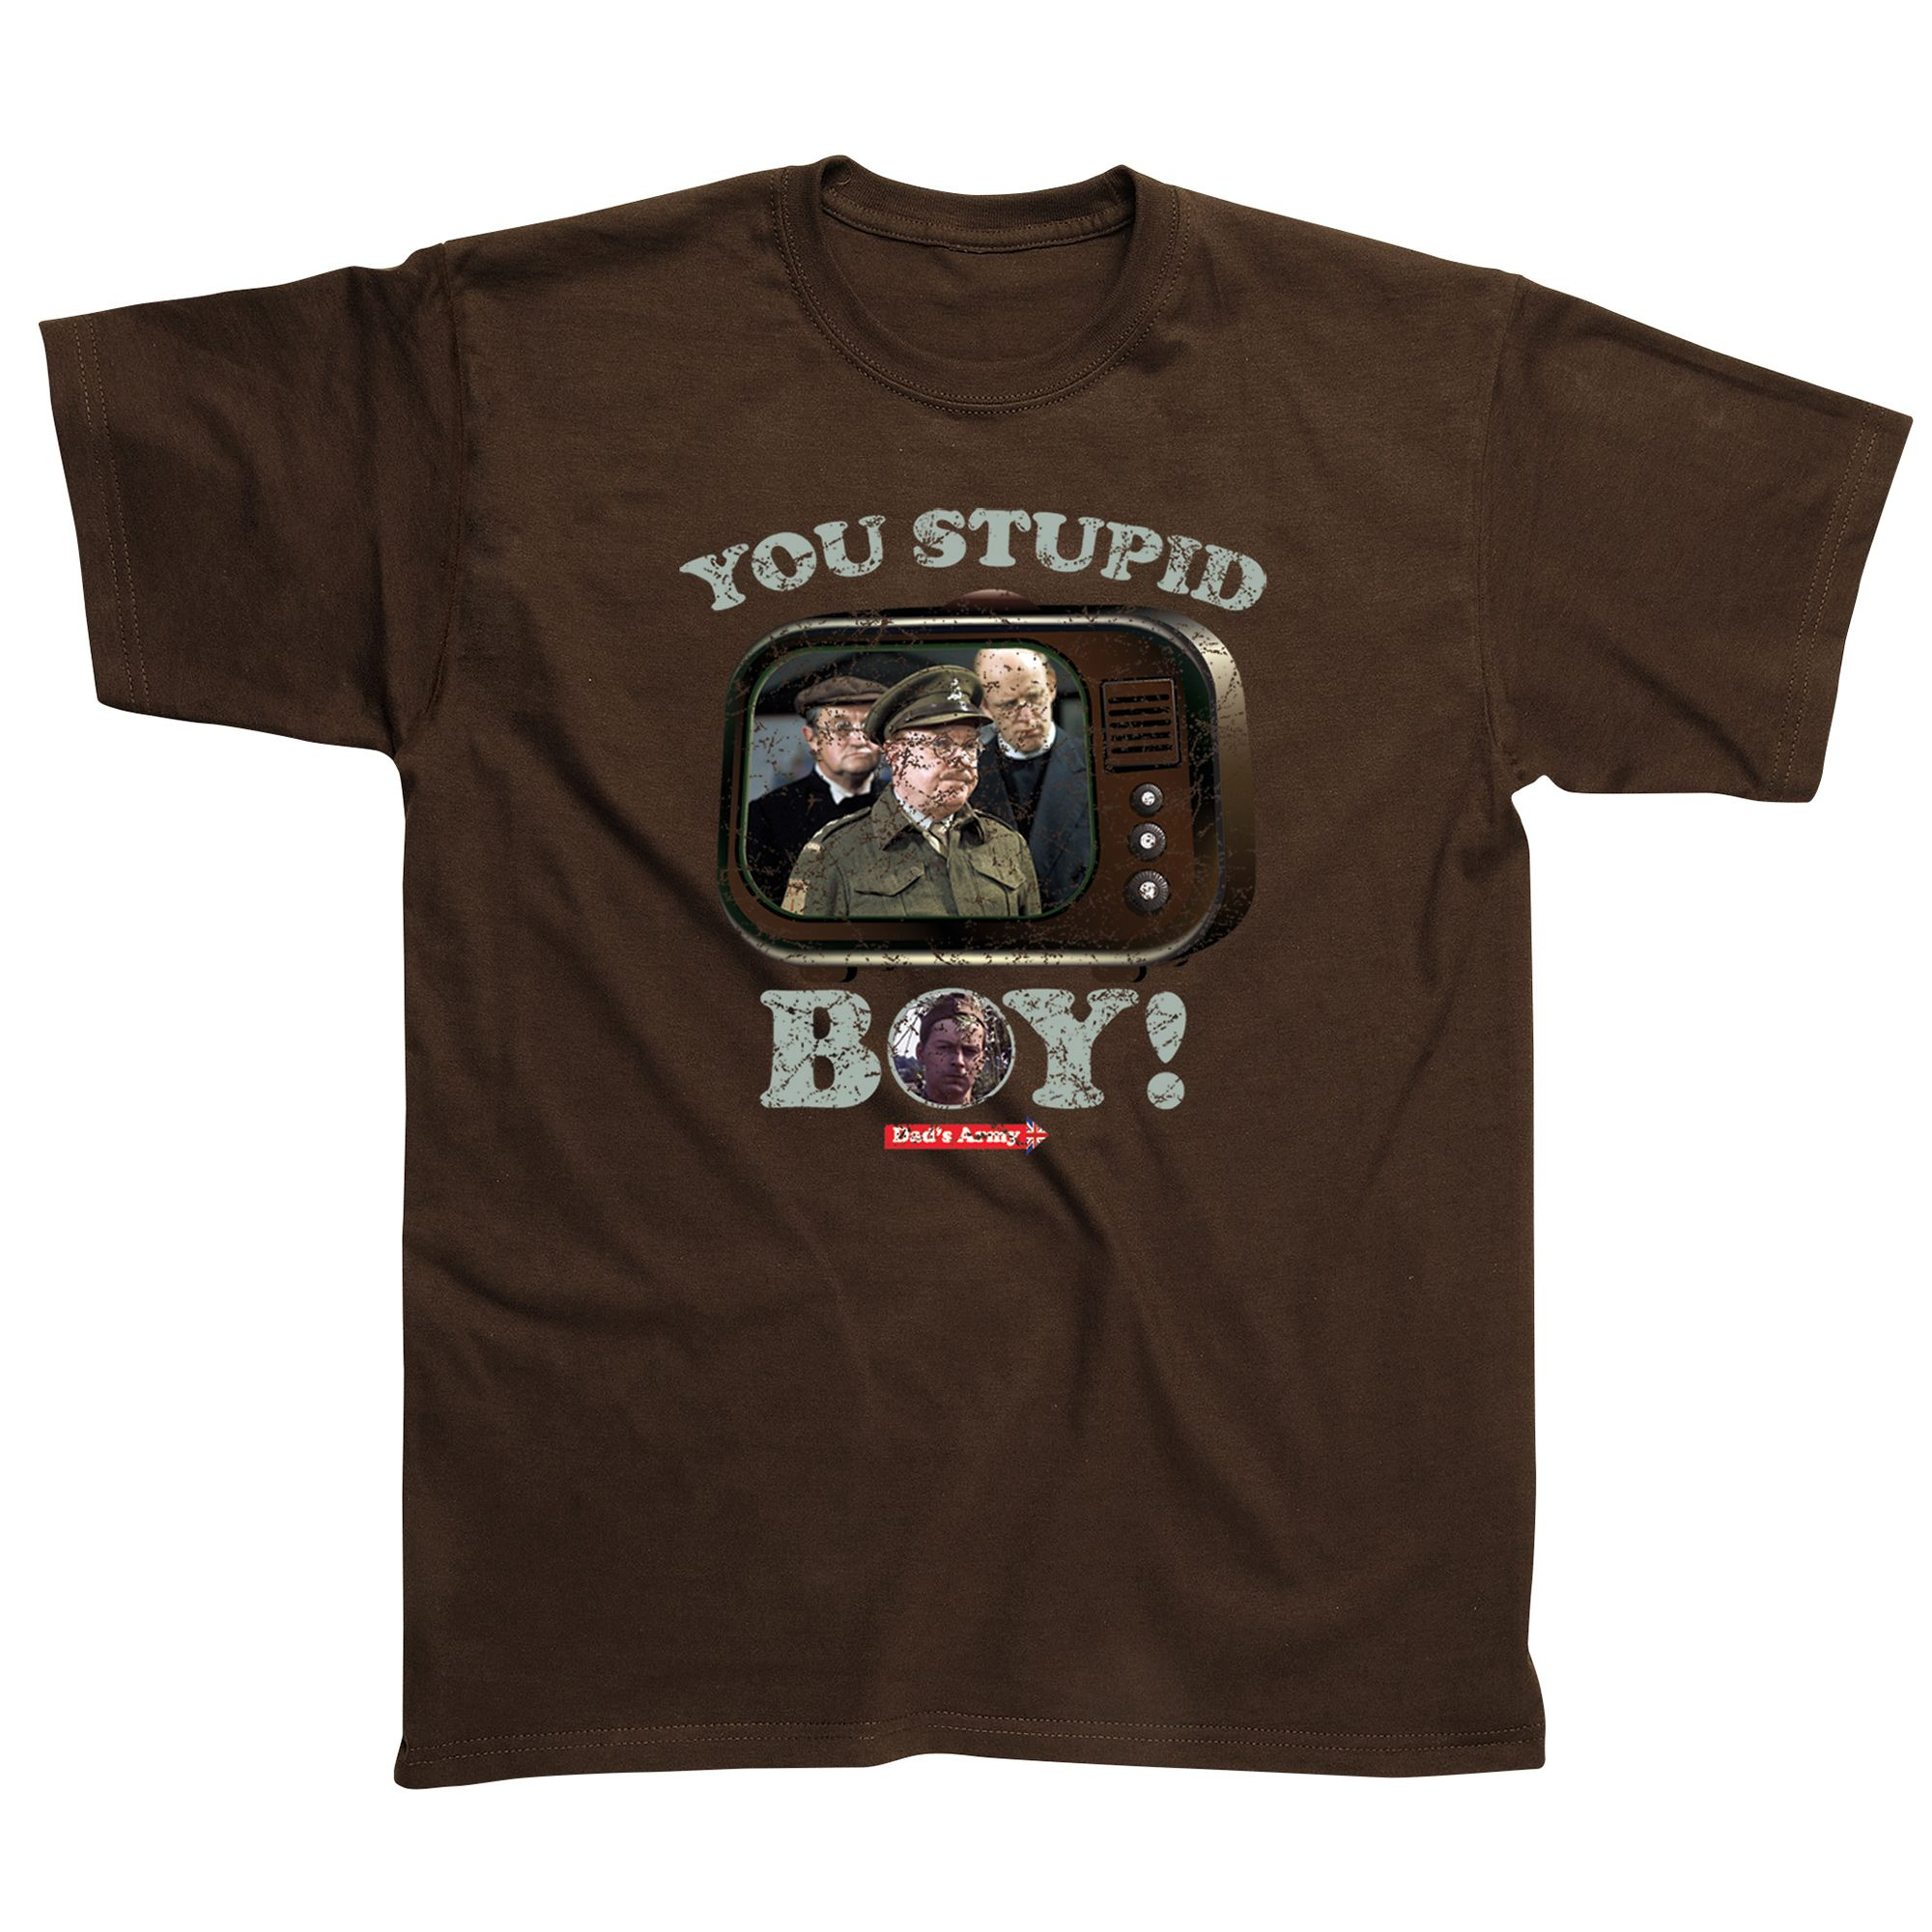 Stupid T Shirts >> Dads Army Stupid Boy T-Shirt - Sweatband.com